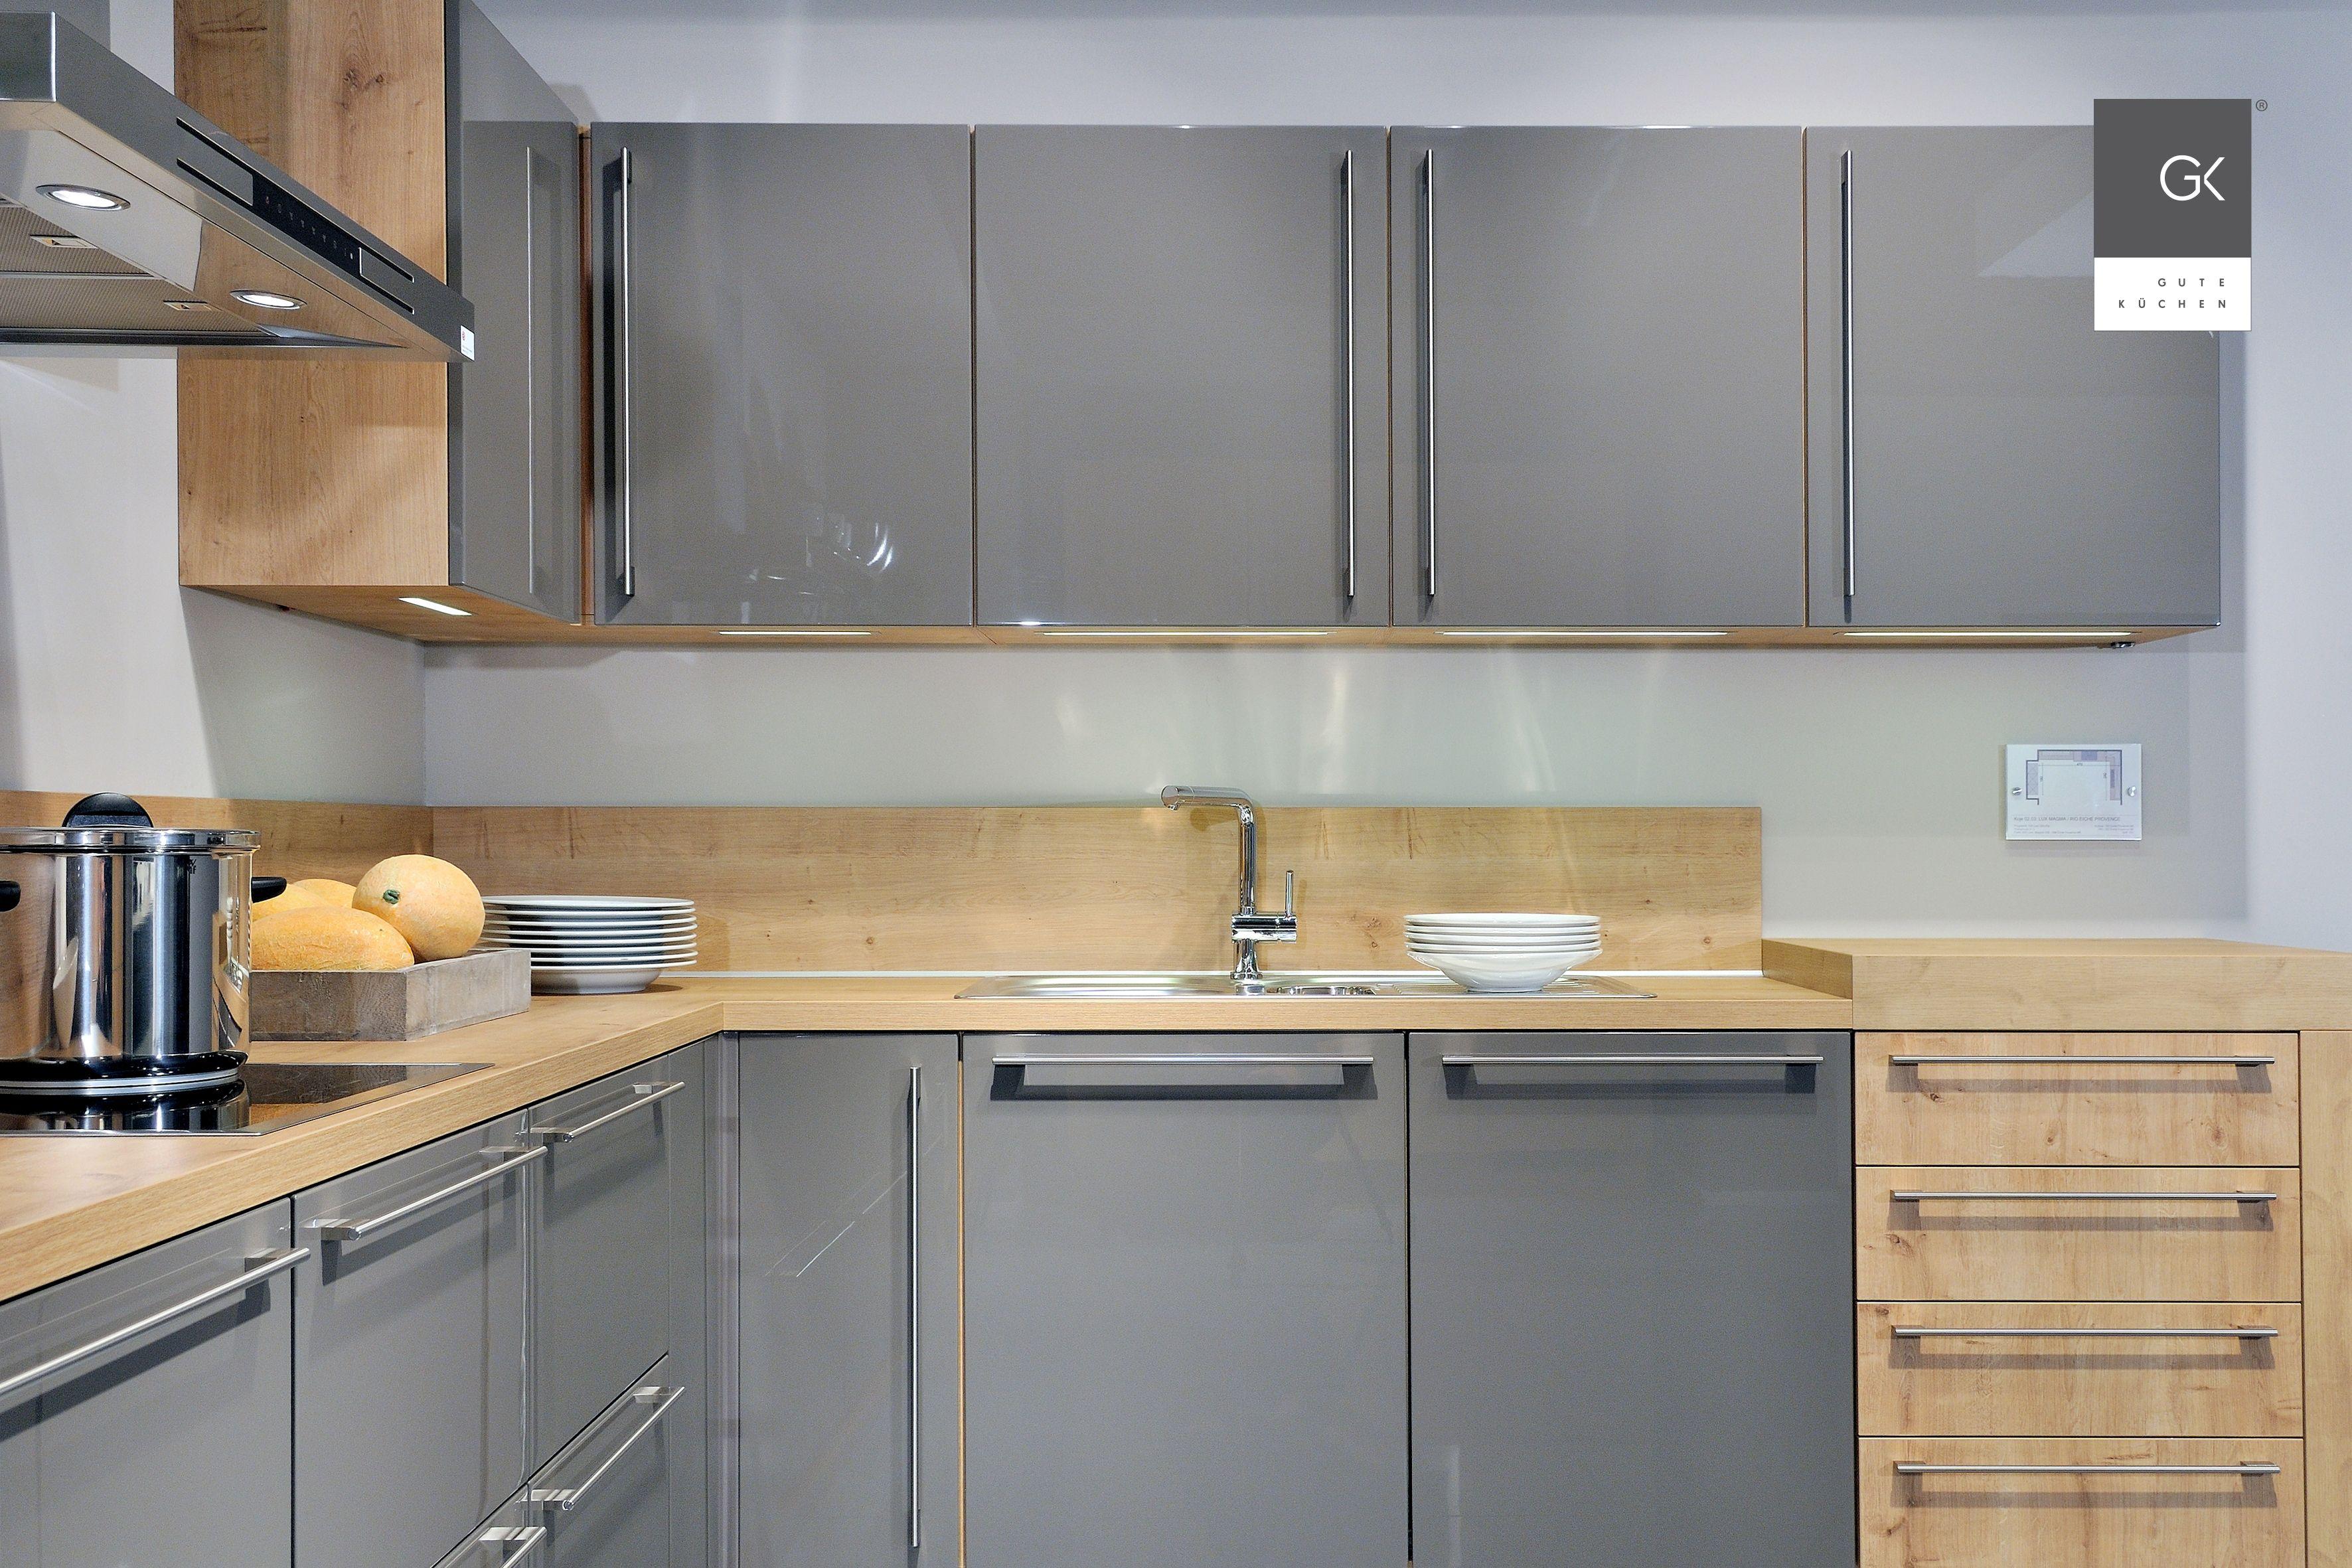 Cool Moderne Küchen L Form Foto Von Einbauküche In L-form Mit Hochglanzfronten